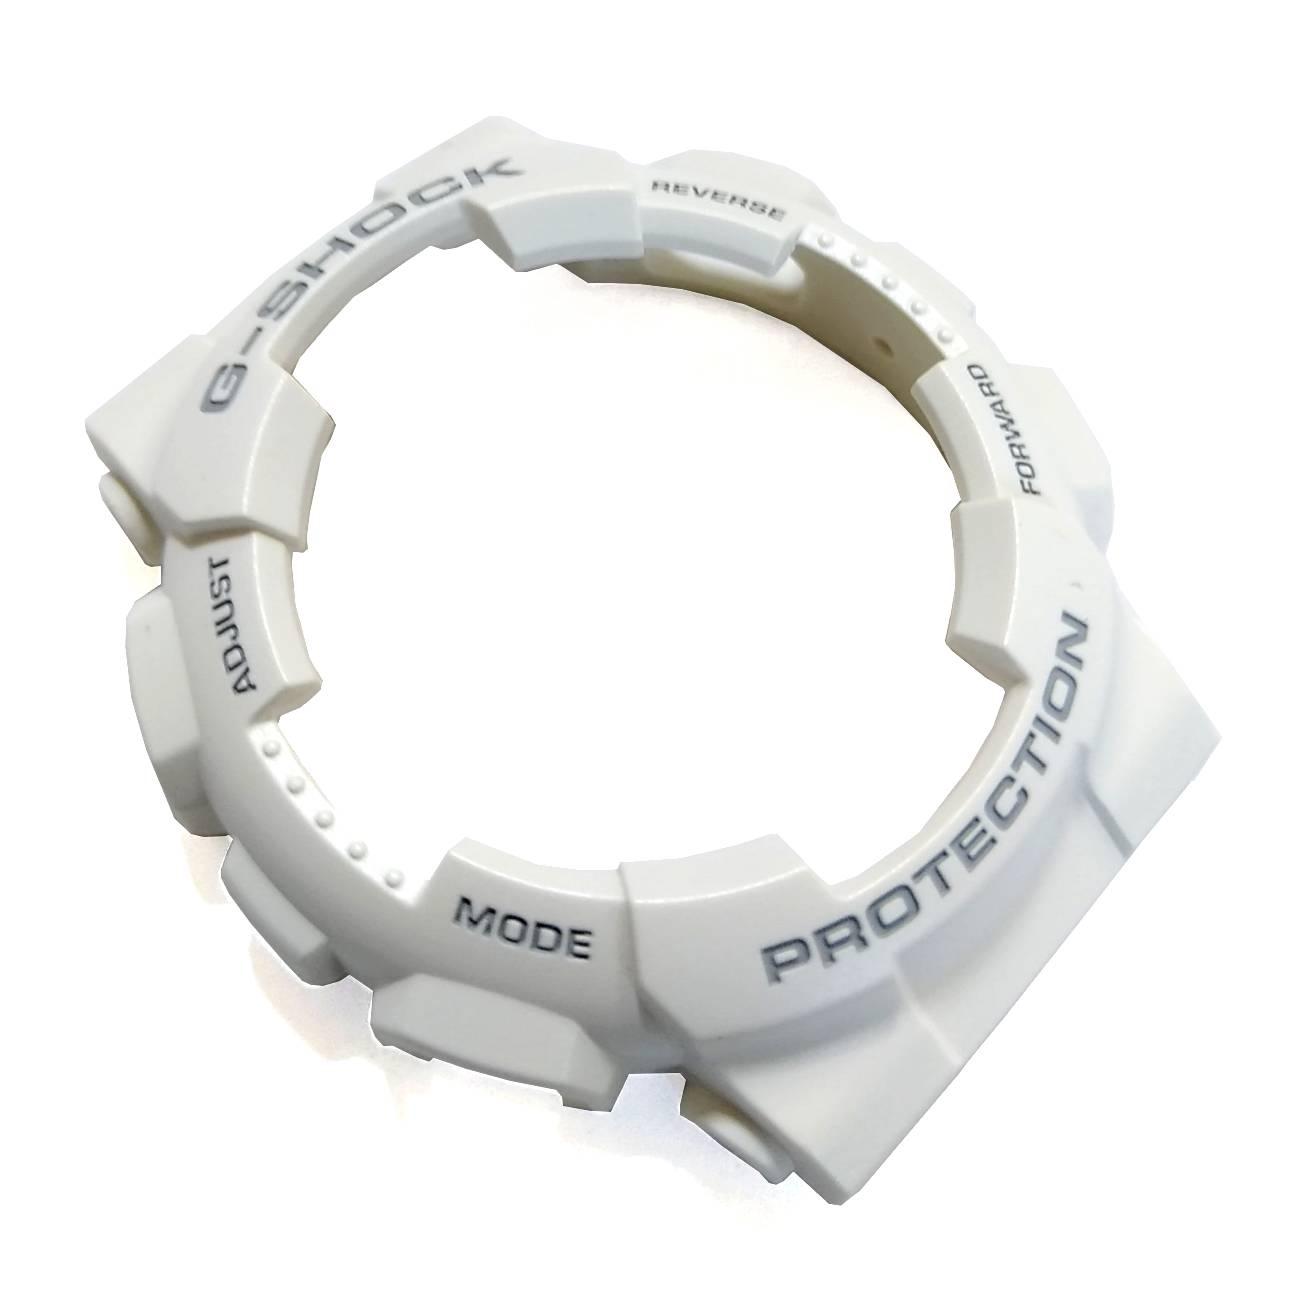 Bezel Casio G-shock GAX-100A-7 Branco Fosco Original  - E-Presentes